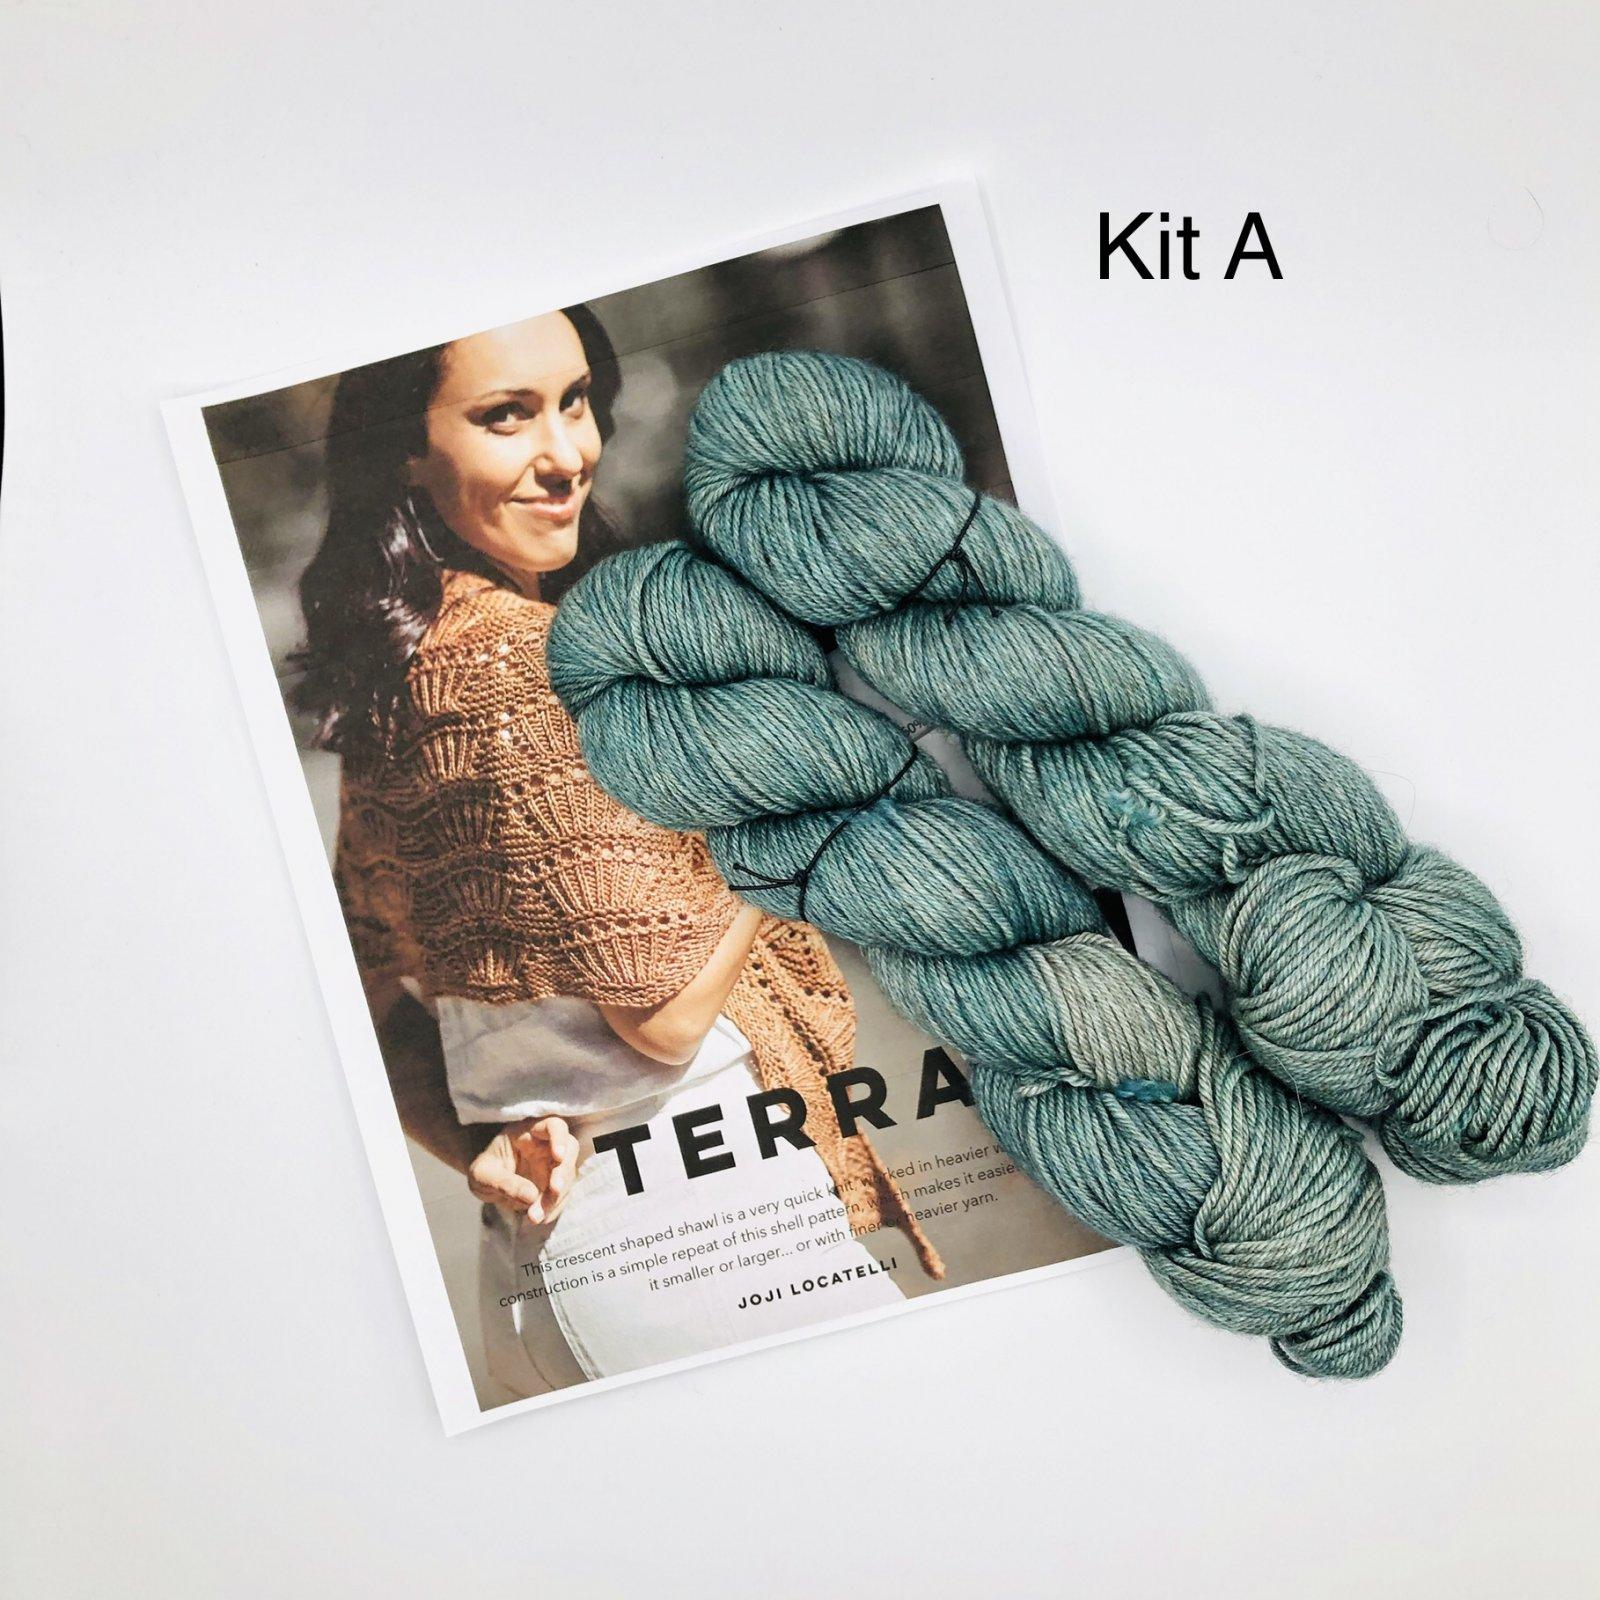 Terra Shawl Kits